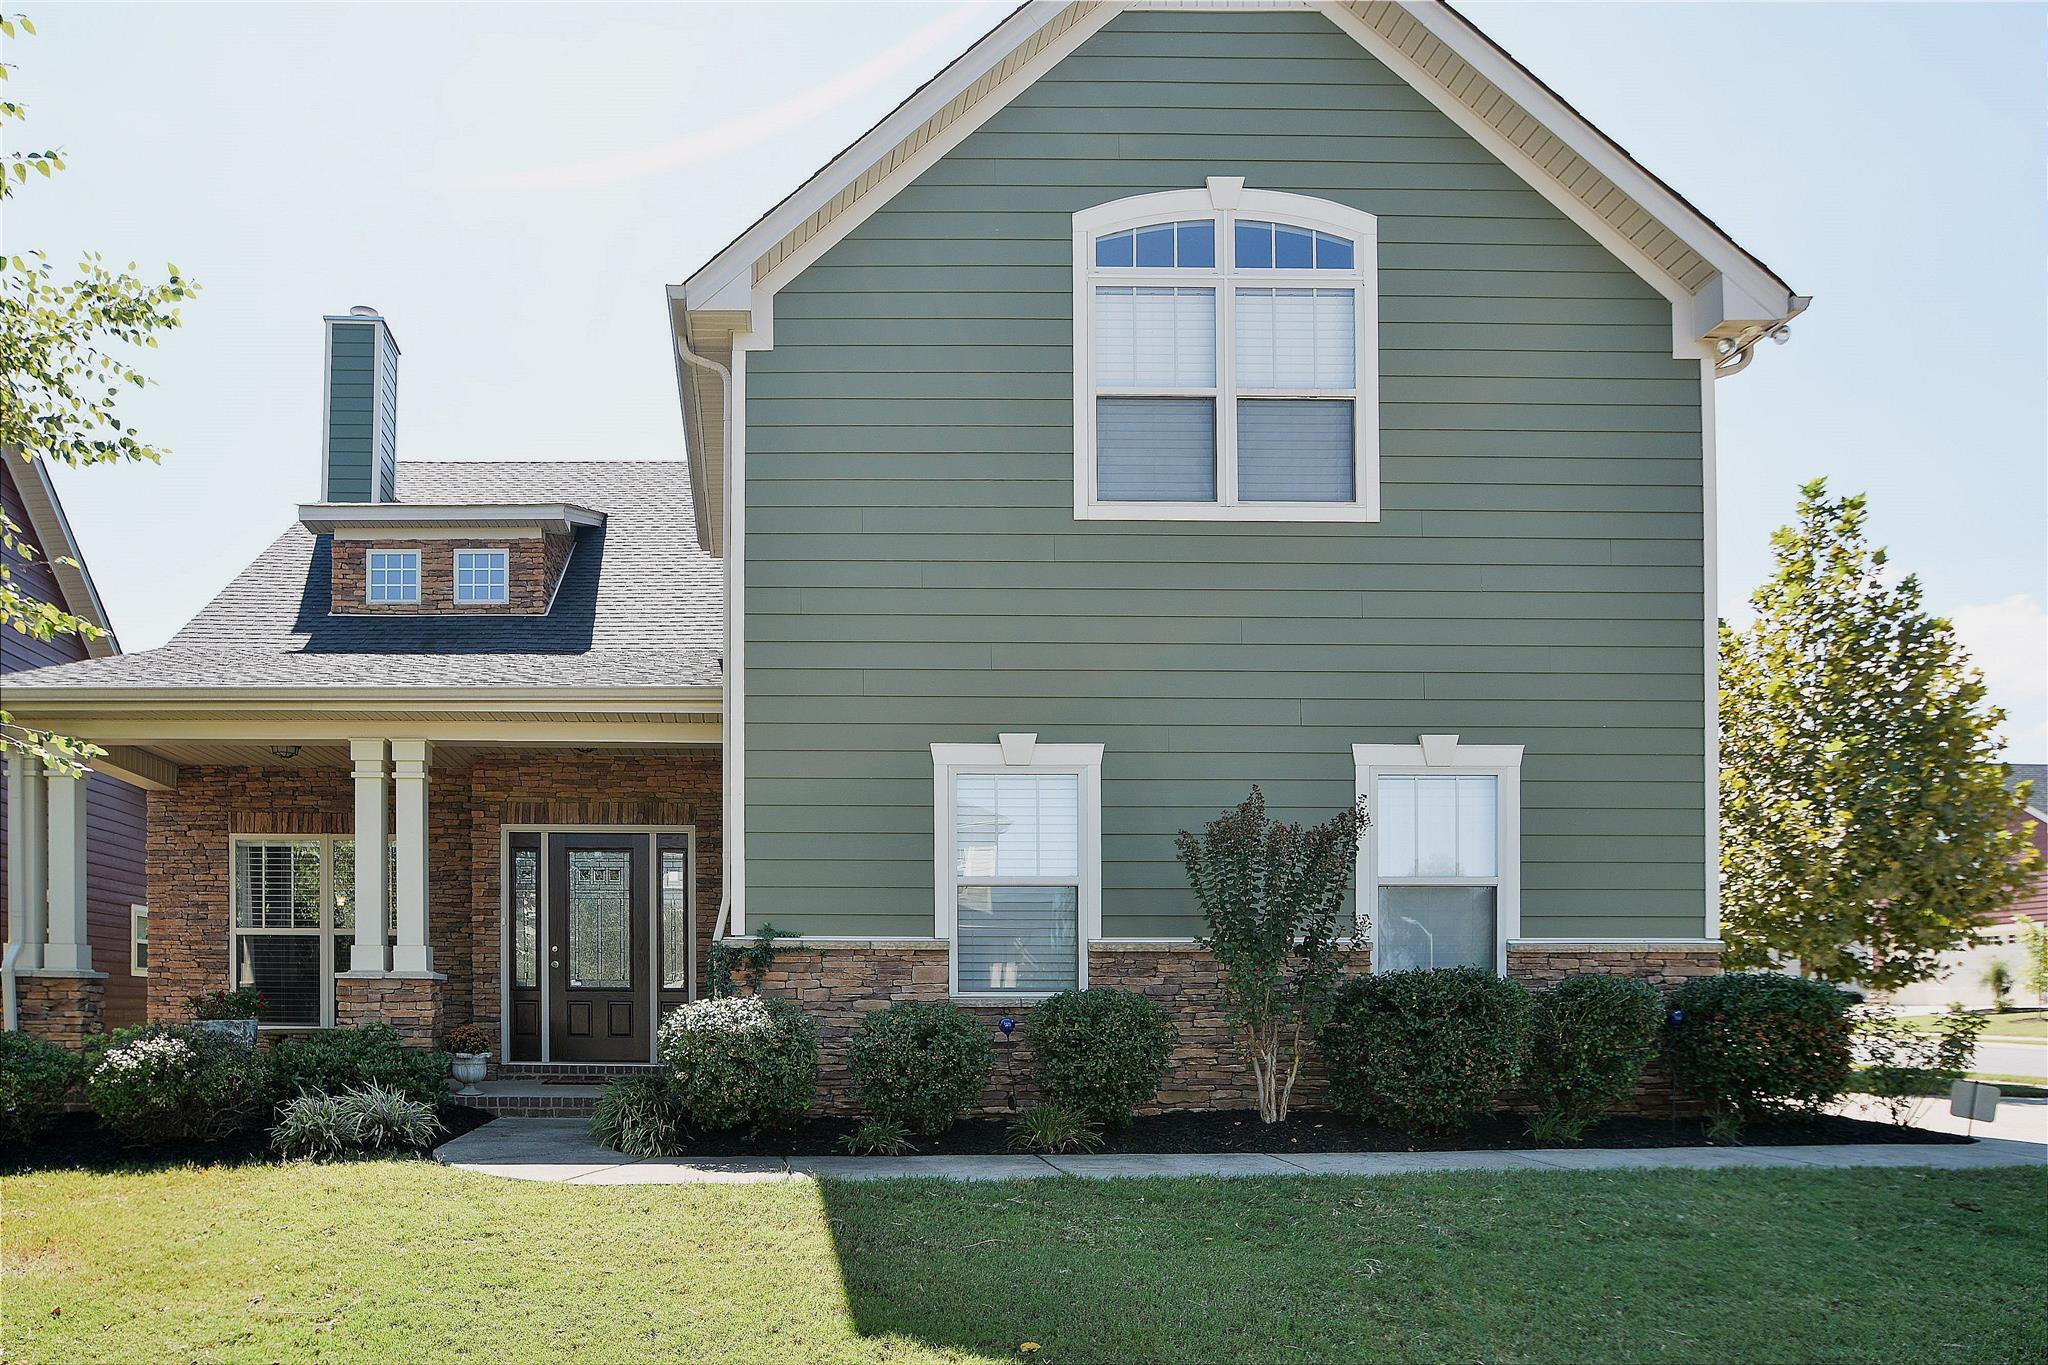 4223 Cortez Dr, Murfreesboro, TN 37128